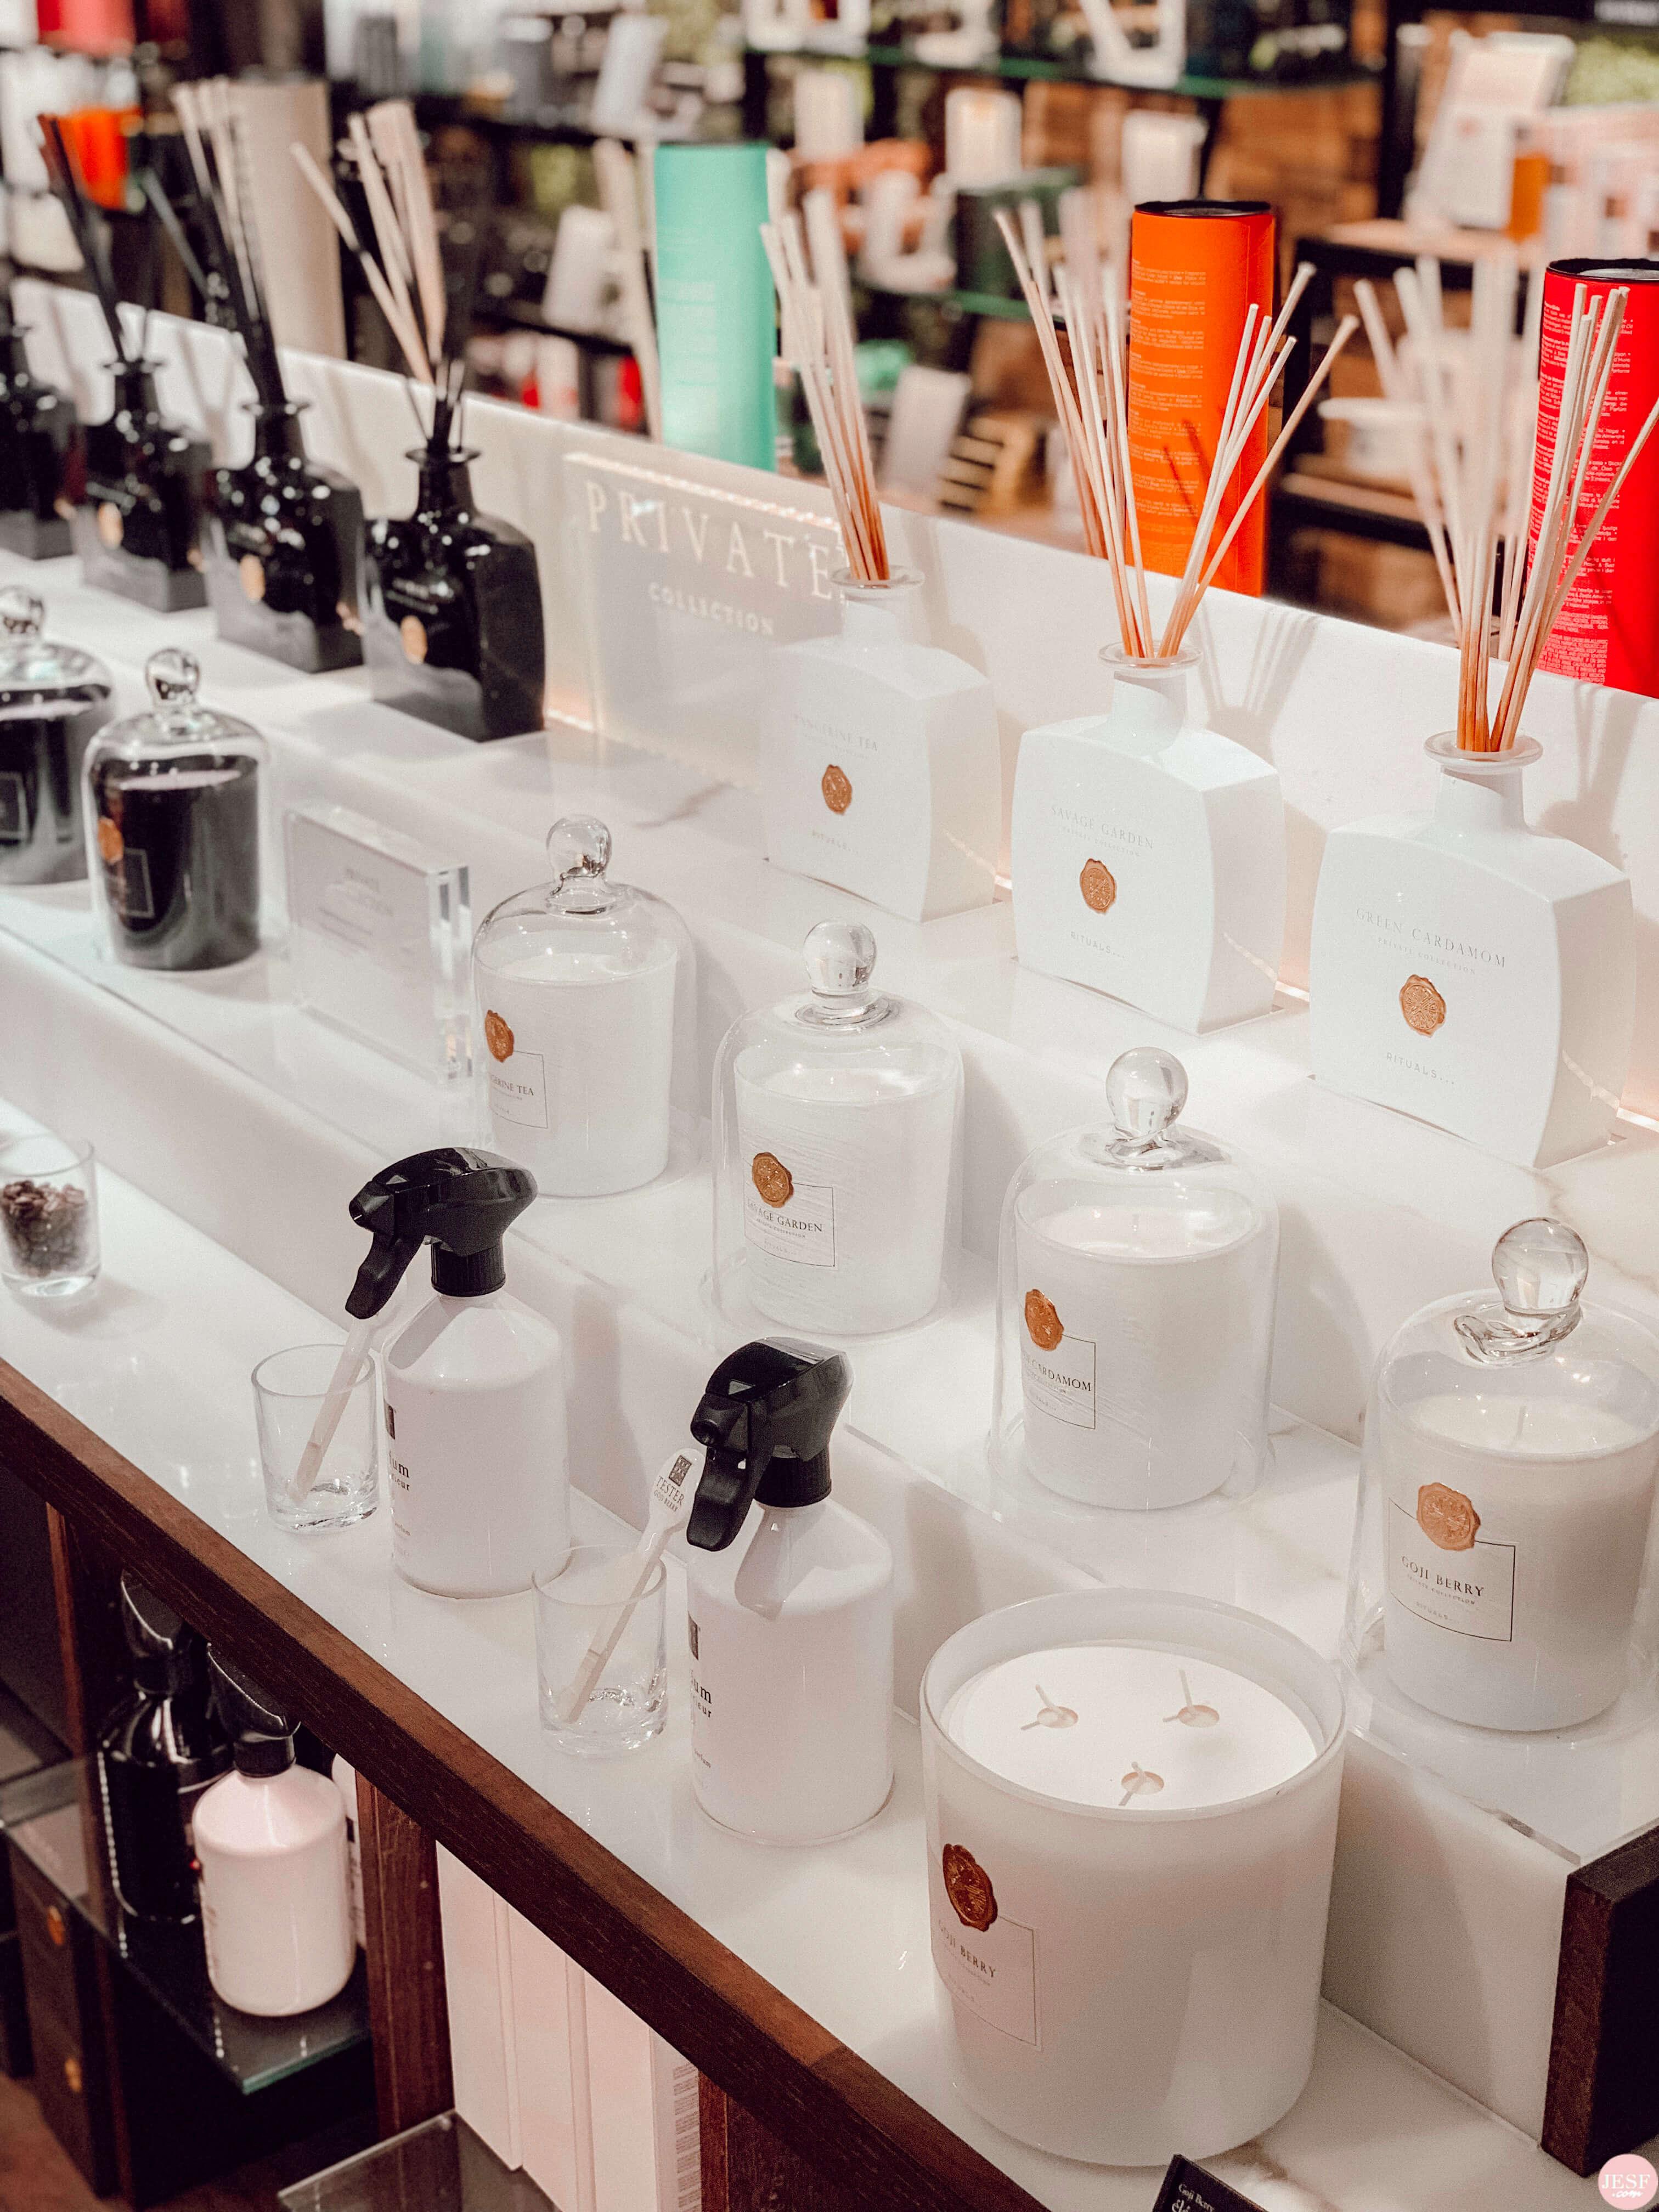 parly-2-sélection-fête-des-mères-magasins-boutique-enseigne-mode-beauté-déco-rituals